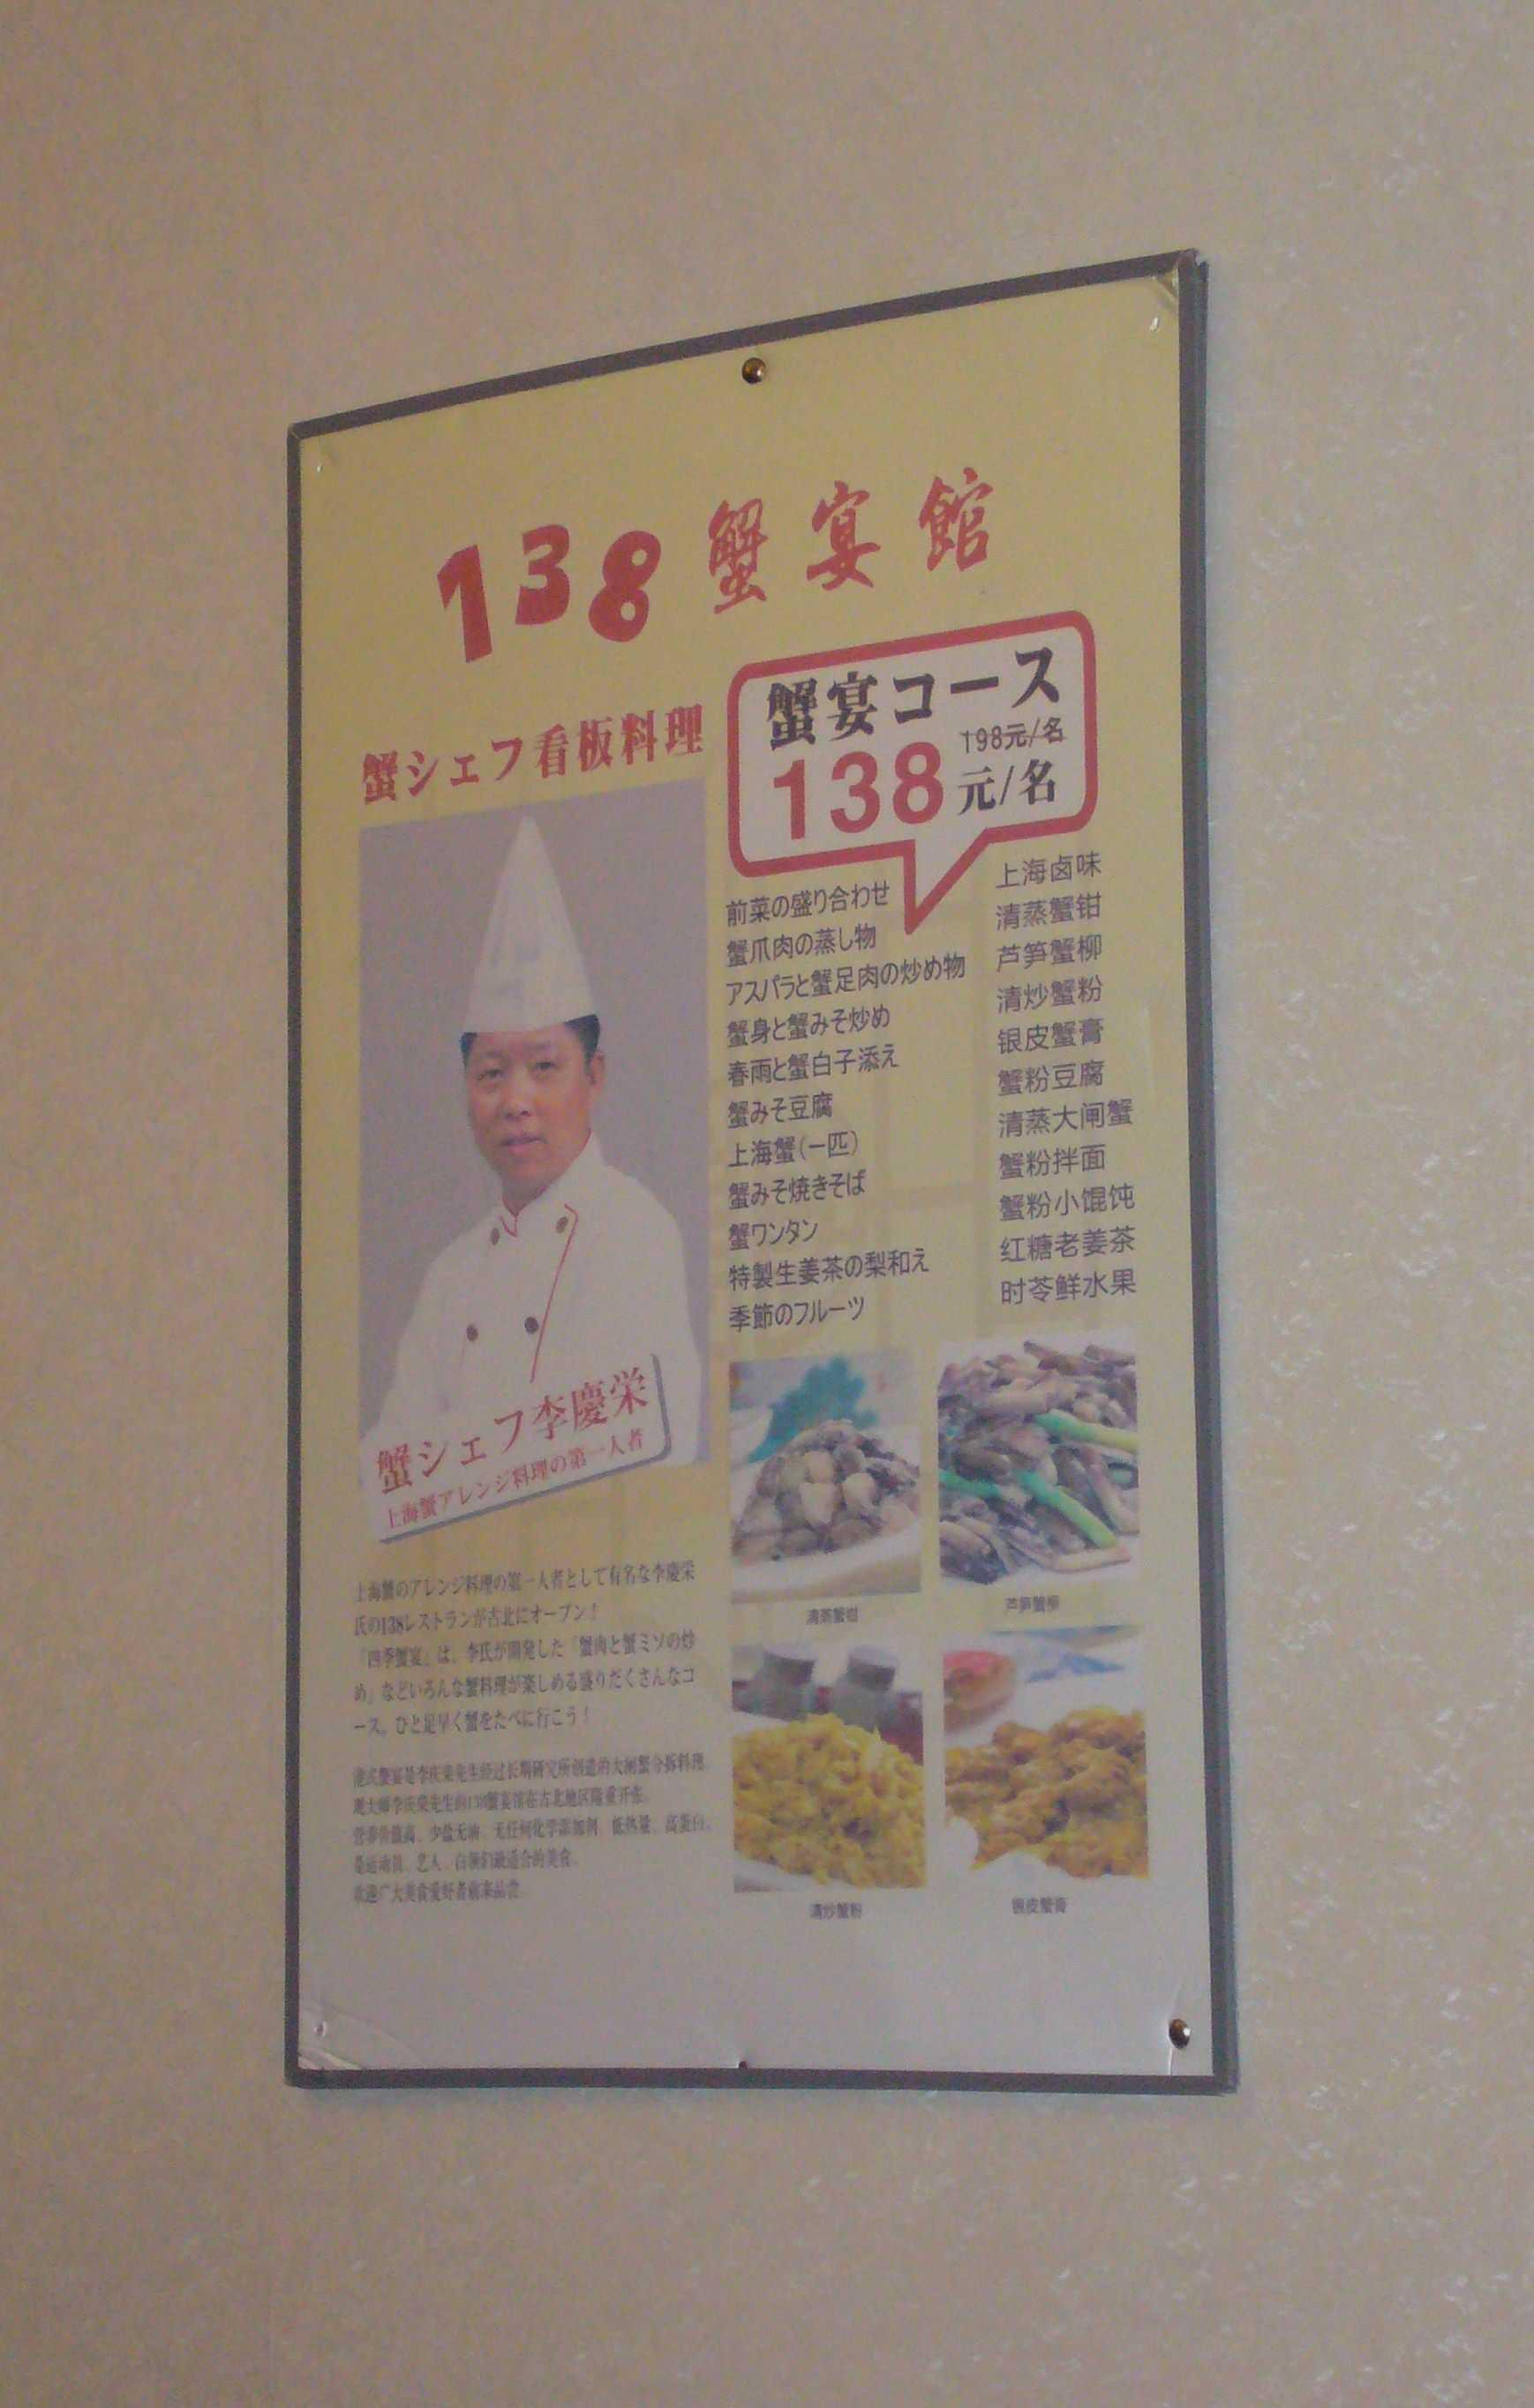 上海の思い出2_d0339677_11471614.jpg